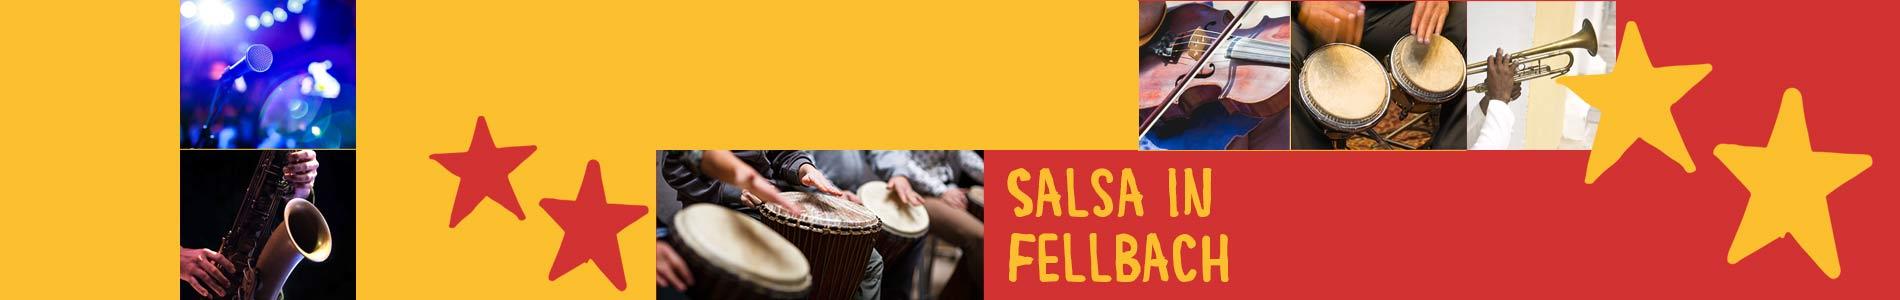 Salsa in Fellbach – Salsa lernen und tanzen, Tanzkurse, Partys, Veranstaltungen